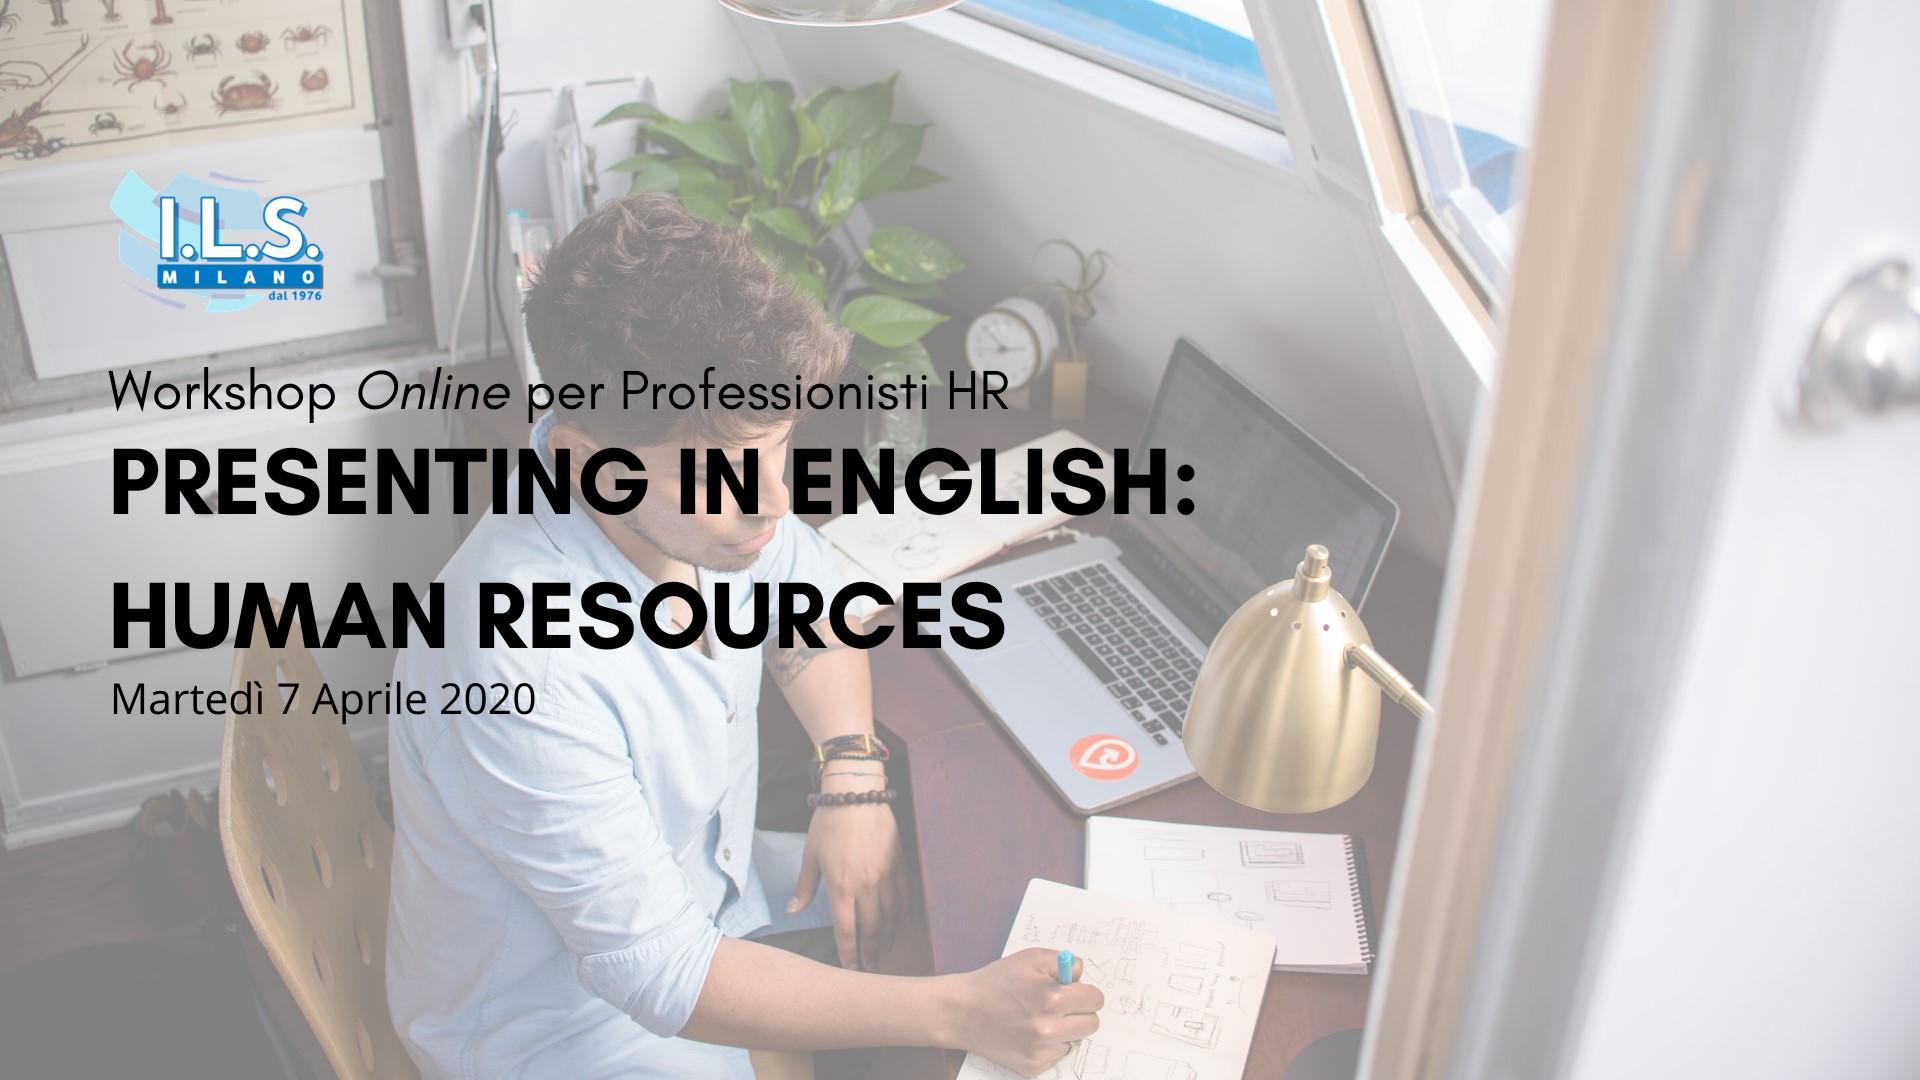 Workshop Online per Professionisti HR workshop hr online ils international language school milano